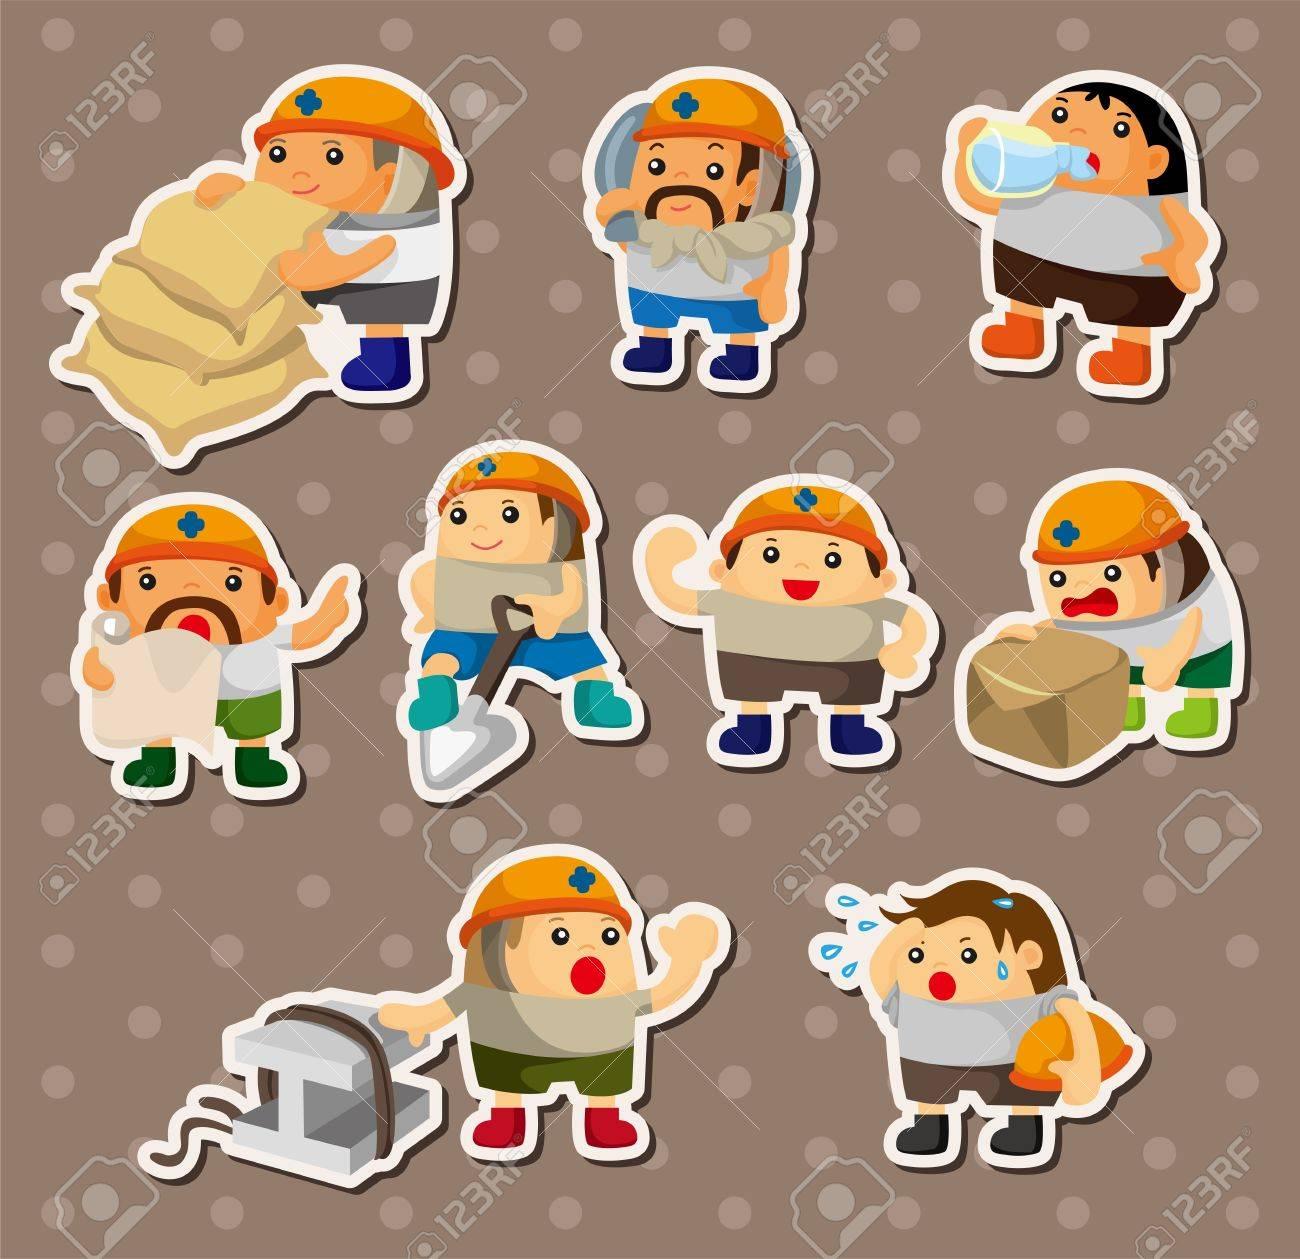 cartoon worker stickers Stock Vector - 14678867